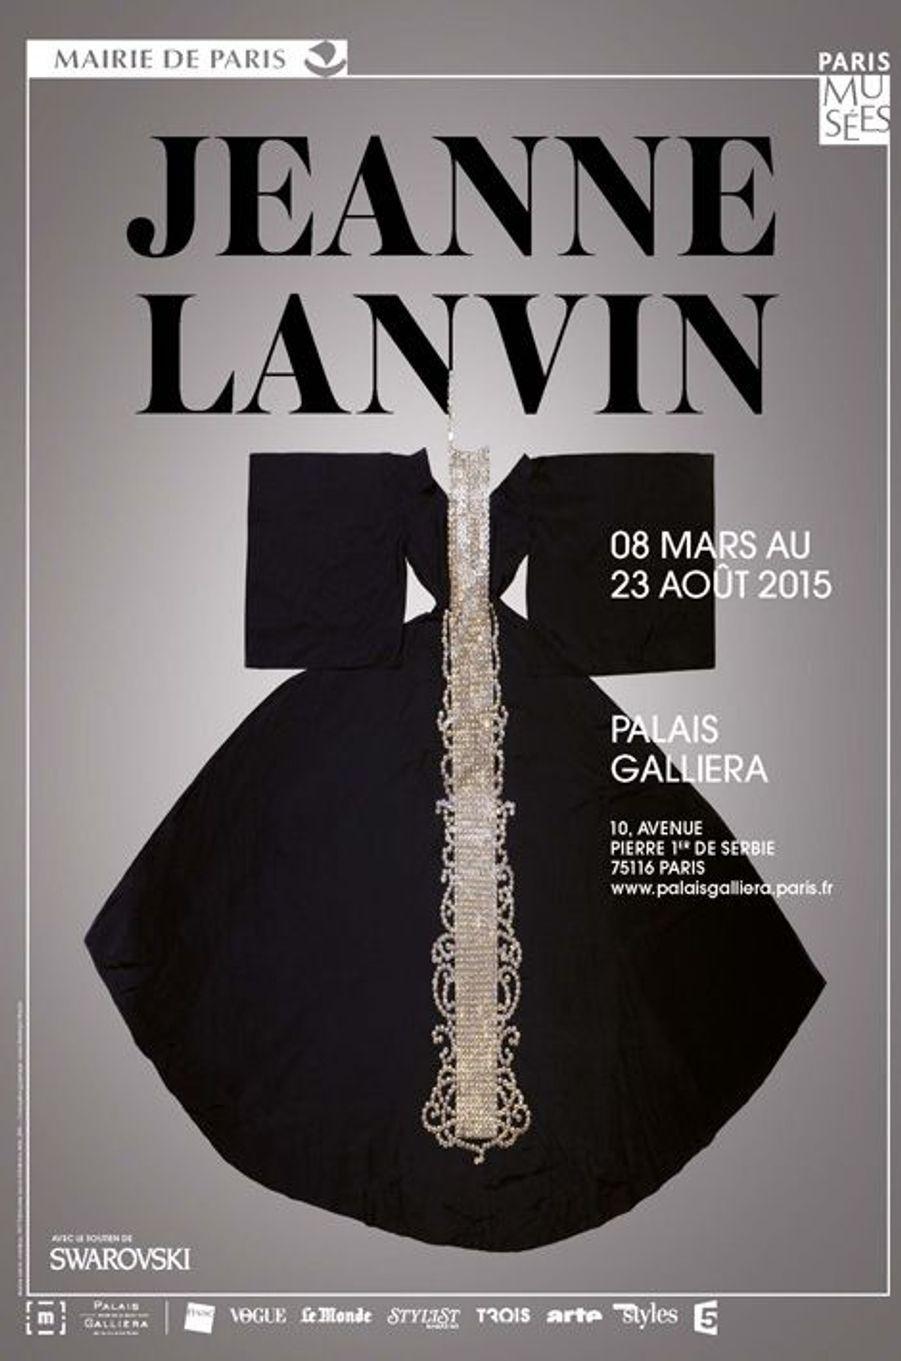 Affiche de l'Exposition Jeanne Lanvin